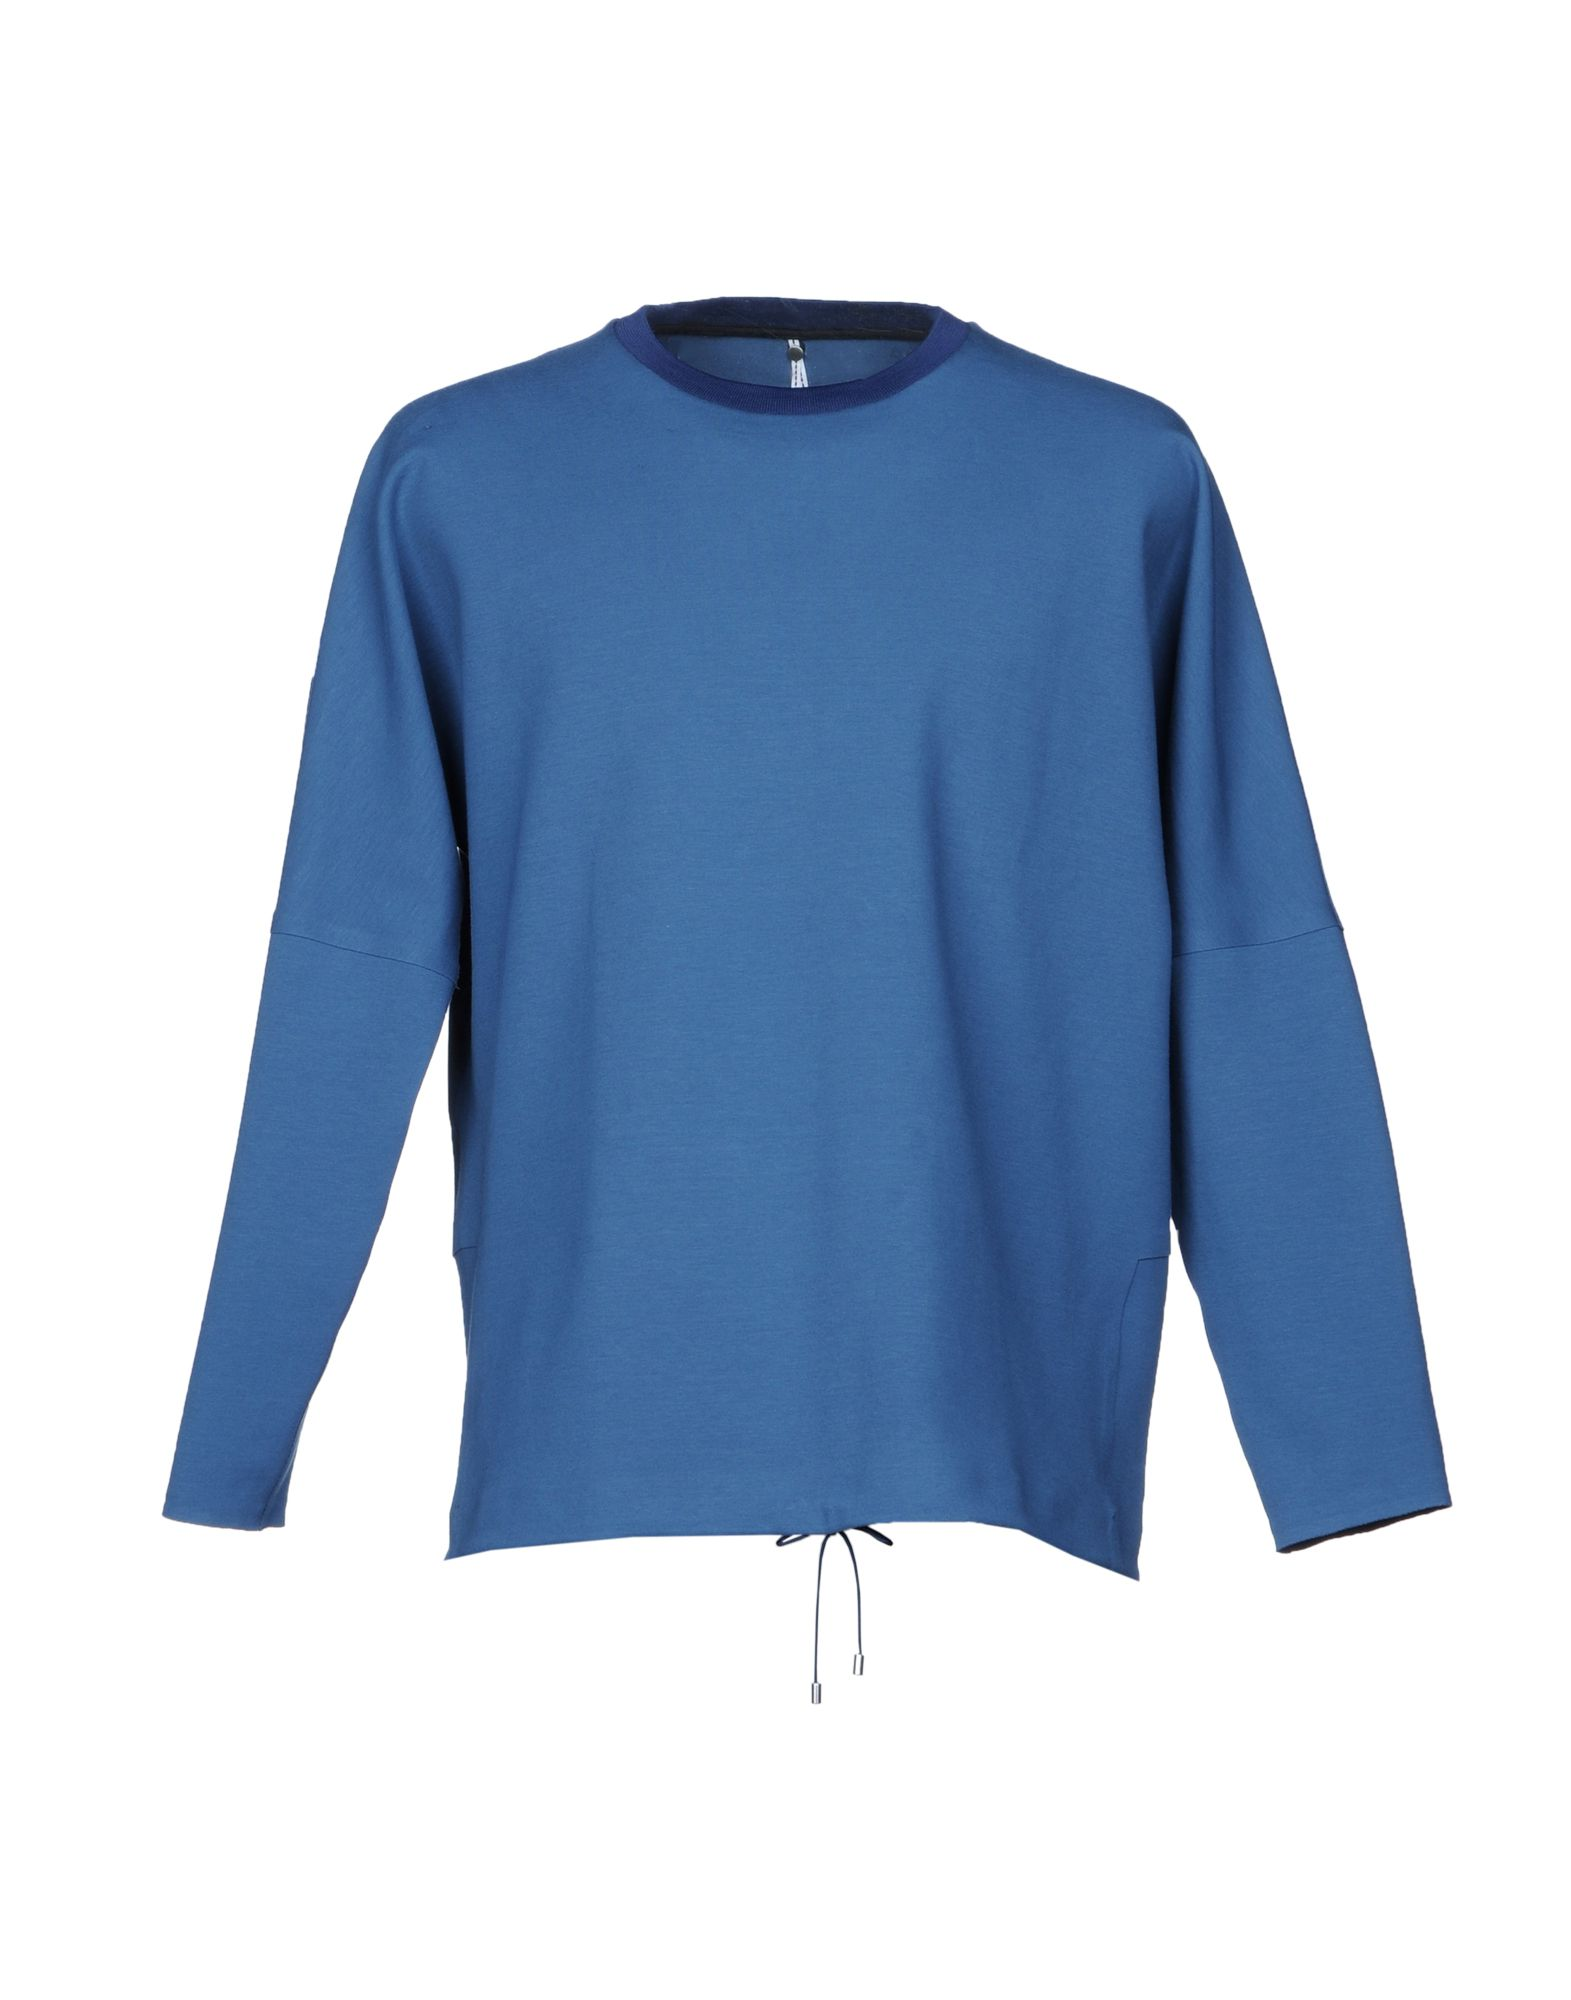 OAMC Herren Sweatshirt Farbe Taubenblau Größe 4 jetztbilligerkaufen